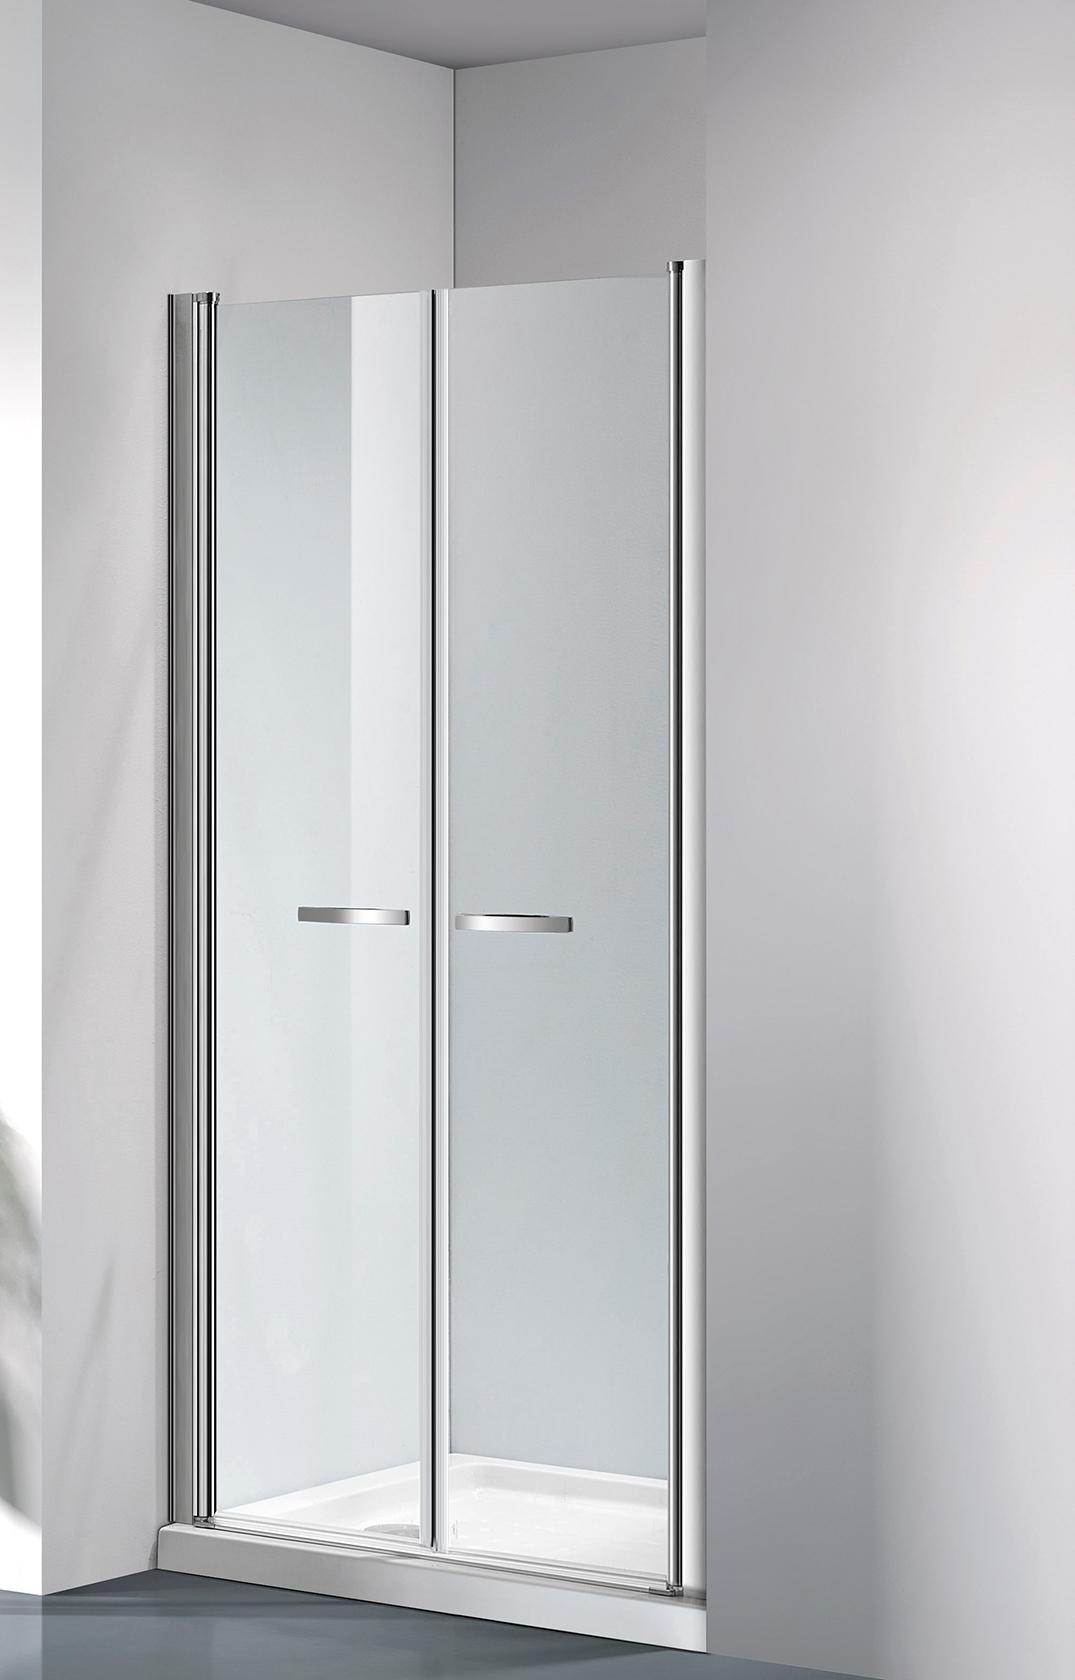 ARTTEC COMFORT 71 - 76 clear Sprchové dveře do niky PAN04460